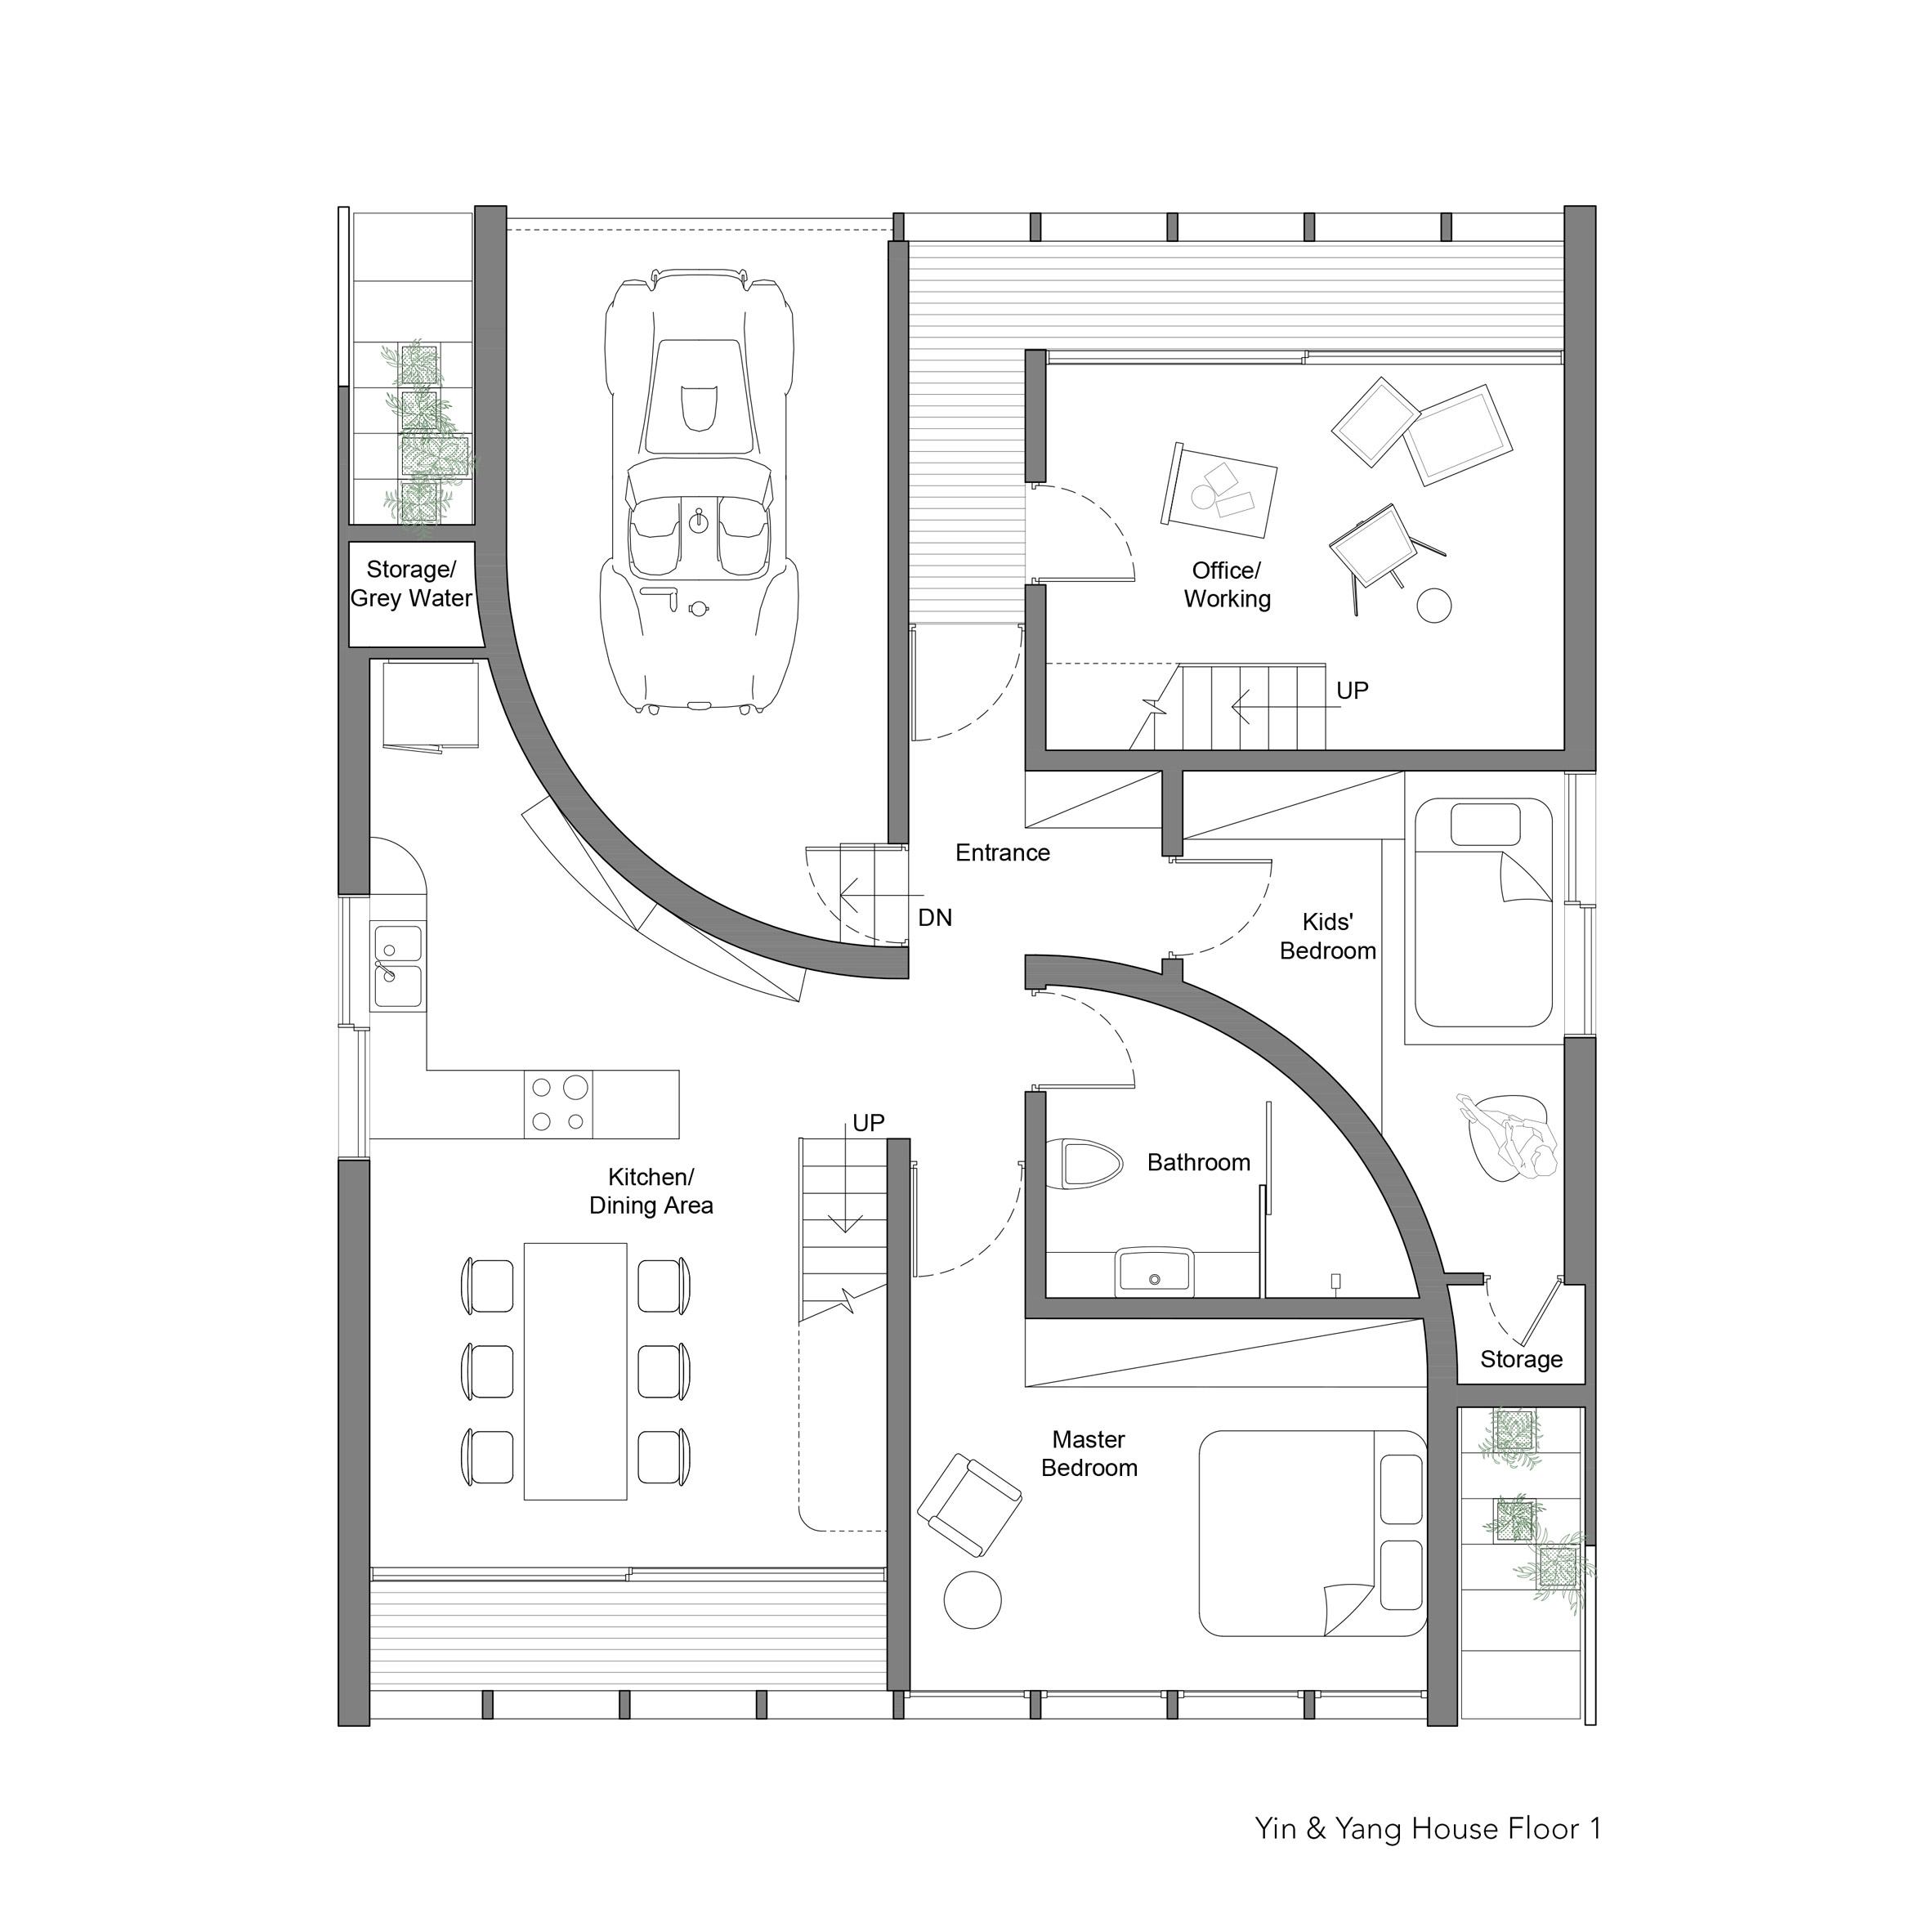 yin-yang-house-penda-architecture_dezeen_2364_plan-2